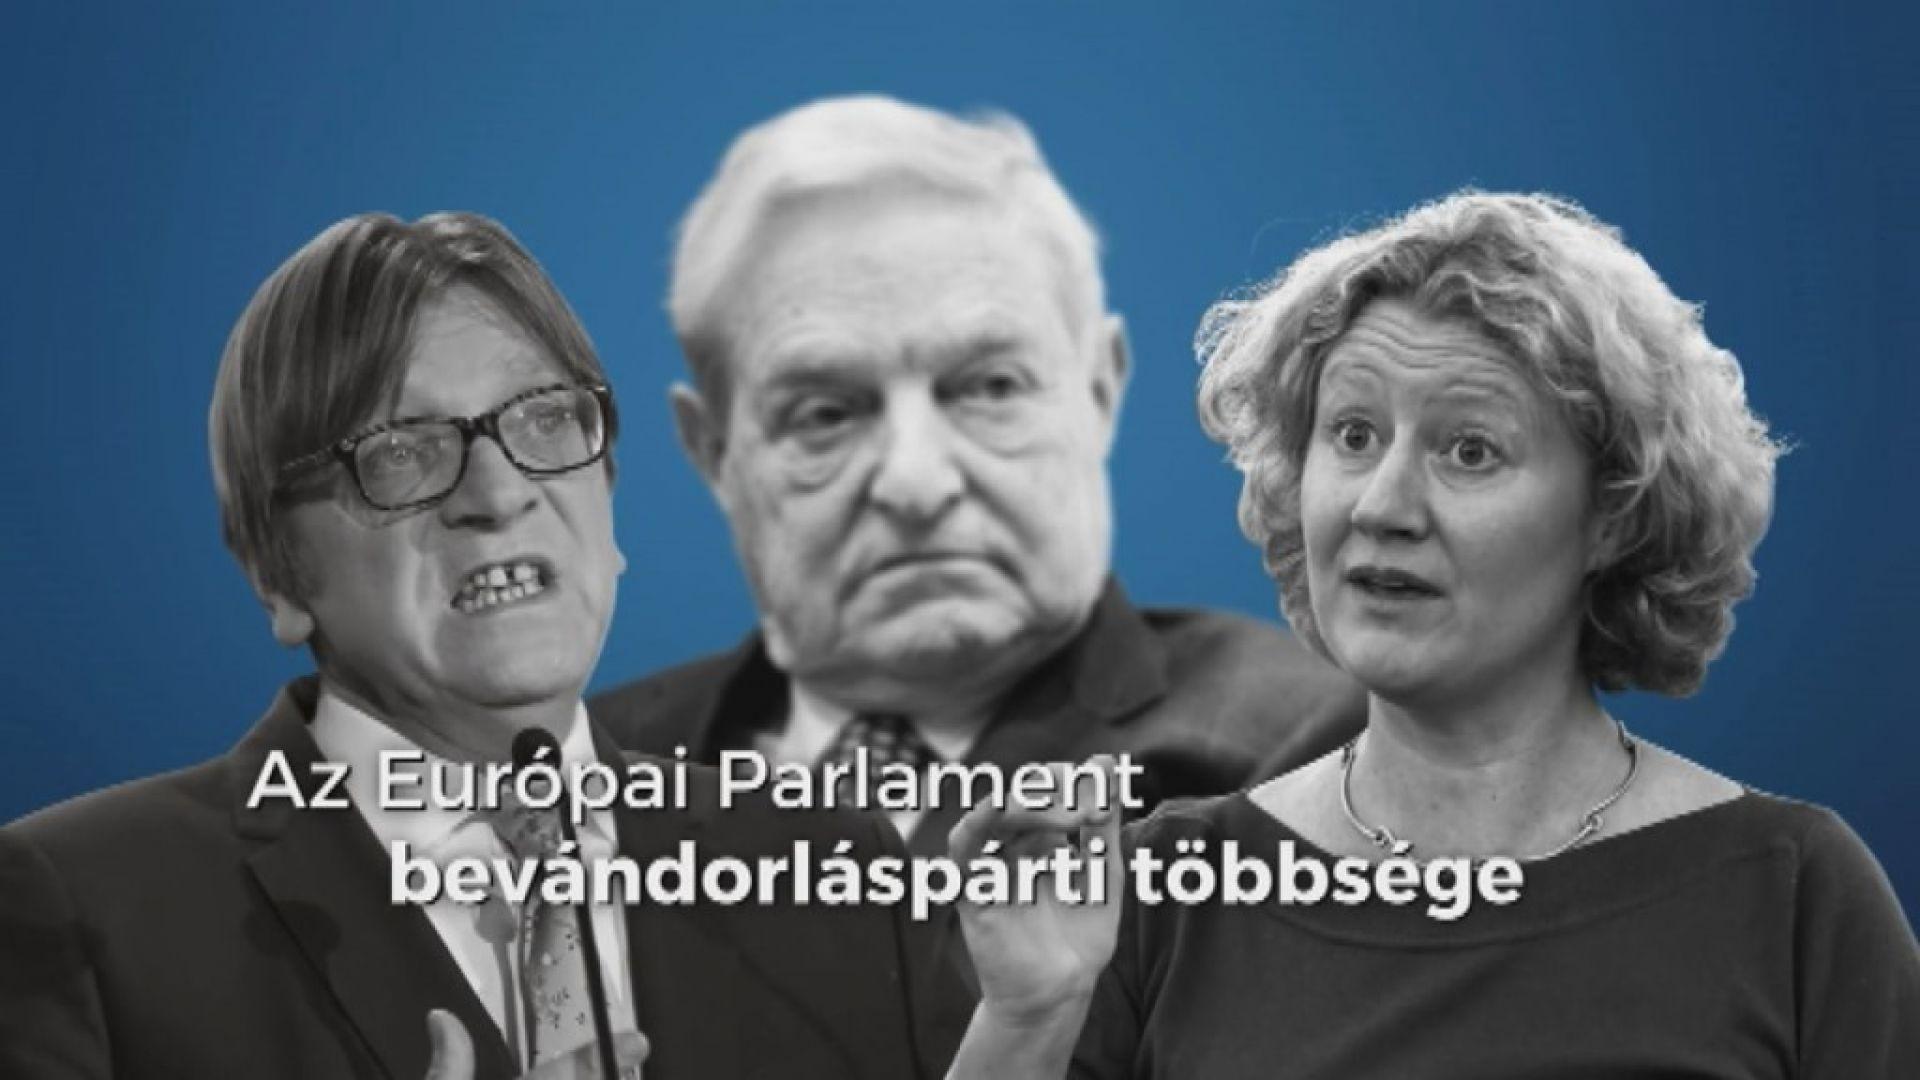 Правителството на Унгария тиражира рекламен клип в отговор на критиките